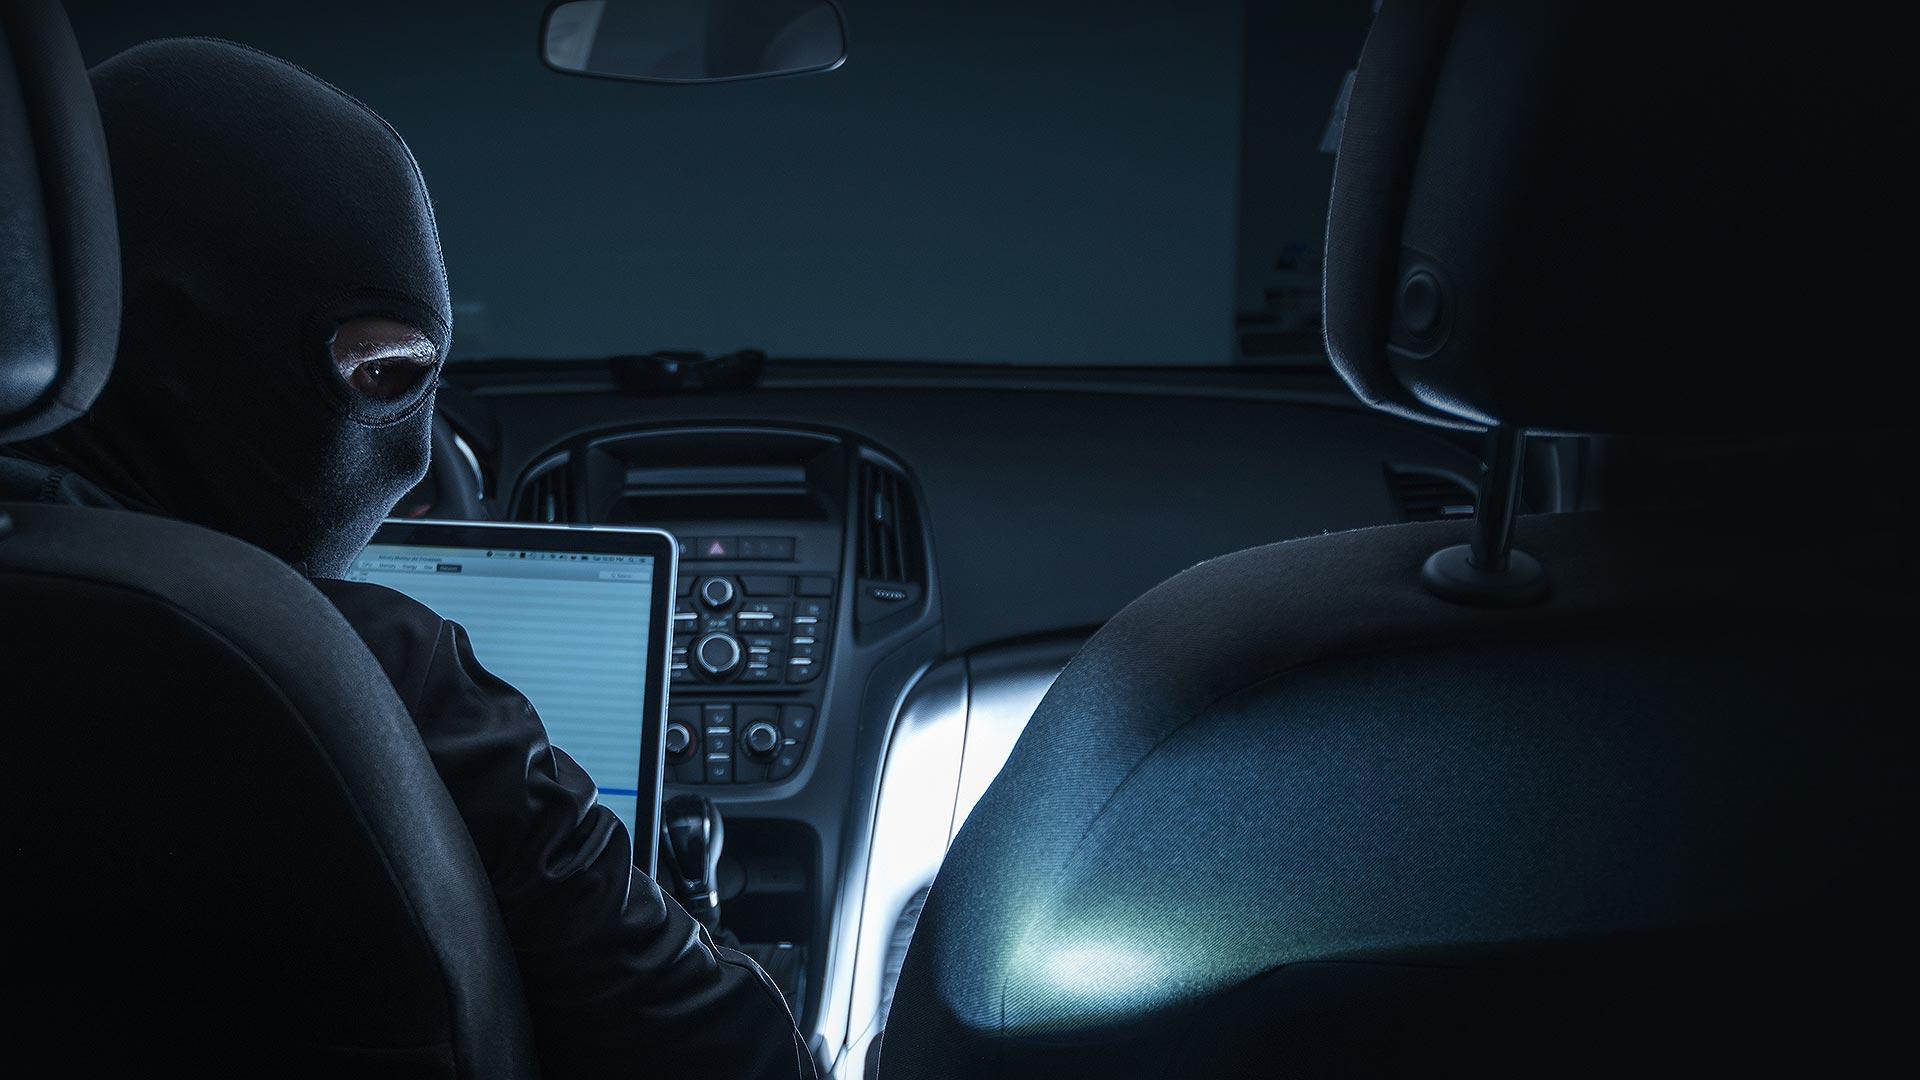 Keyless car theft